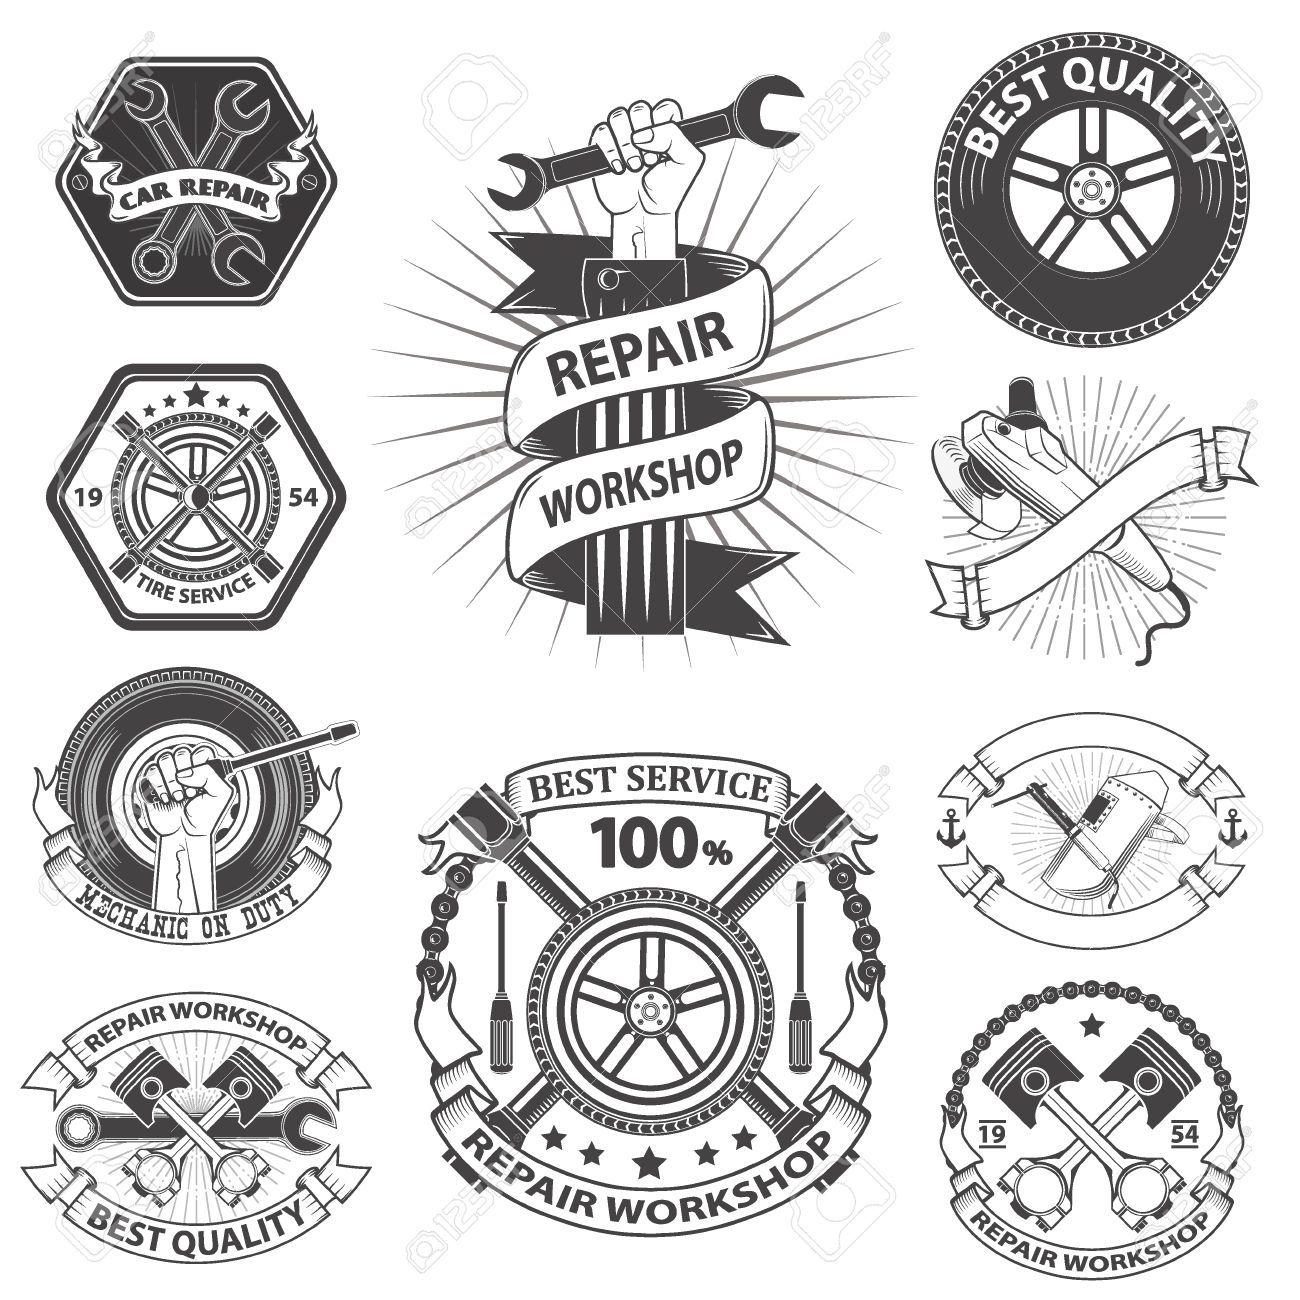 Logo Pour L Atelier De Reparation Mecanique Embleme Outils Mecaniciens Cle Plate Cle A Molette Main Ave Dessin Mecanique Tatouage Mecanique Cle A Molette